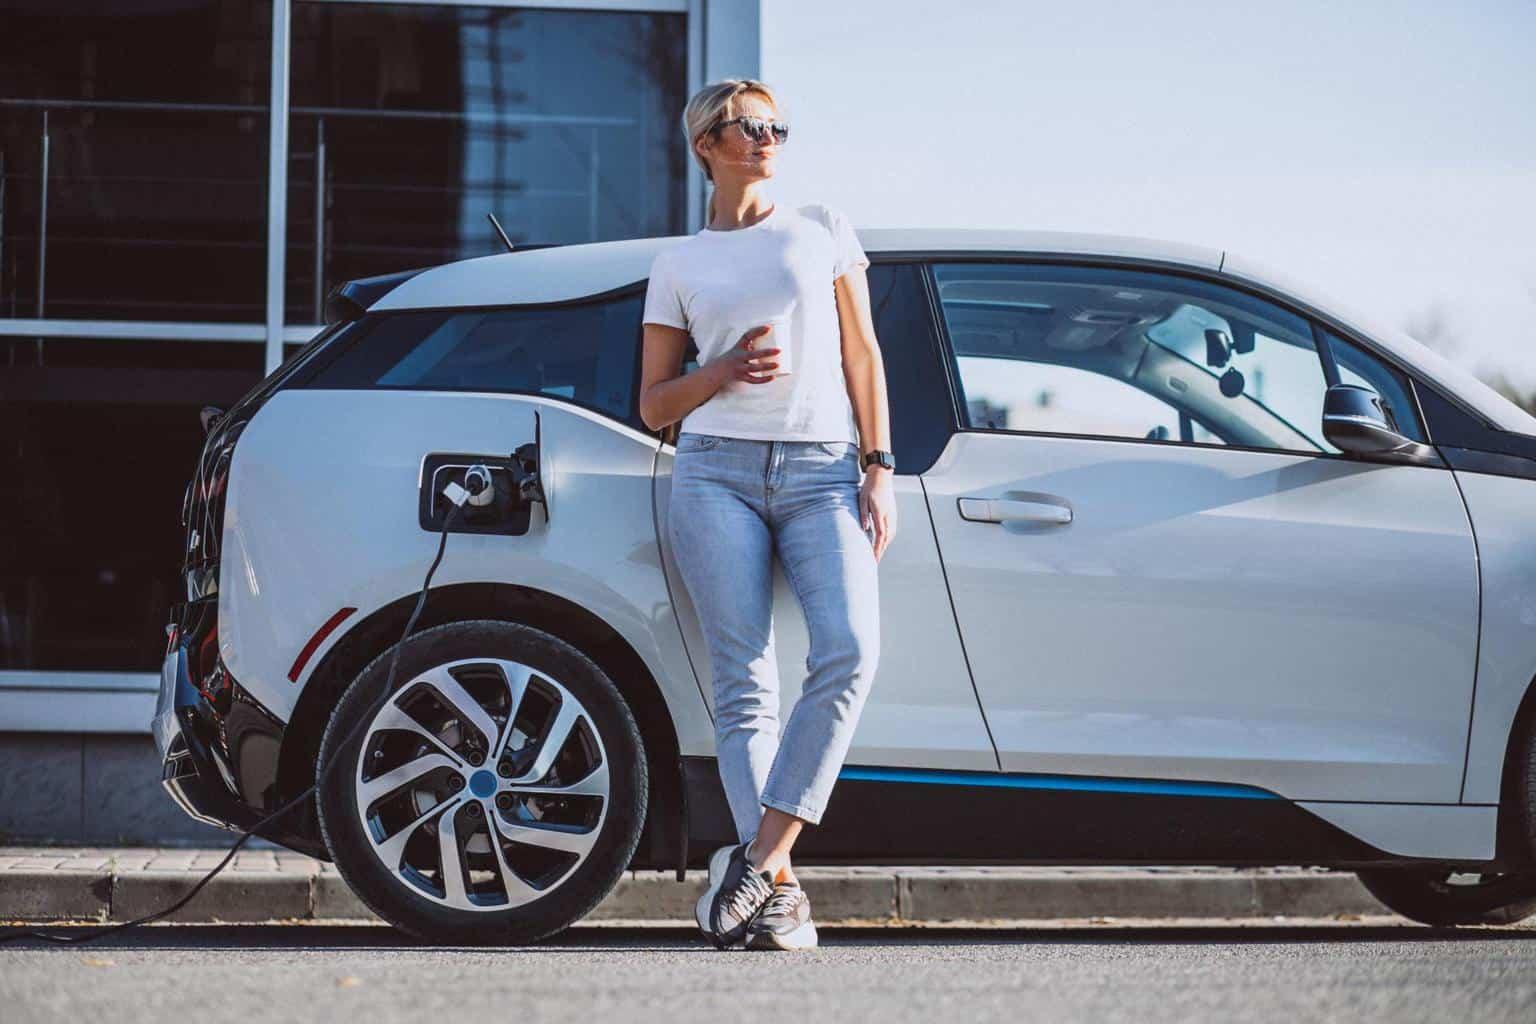 BMW und VW erhöhen wegen hoher Nachfrage Produktion von i3 und e-Golf